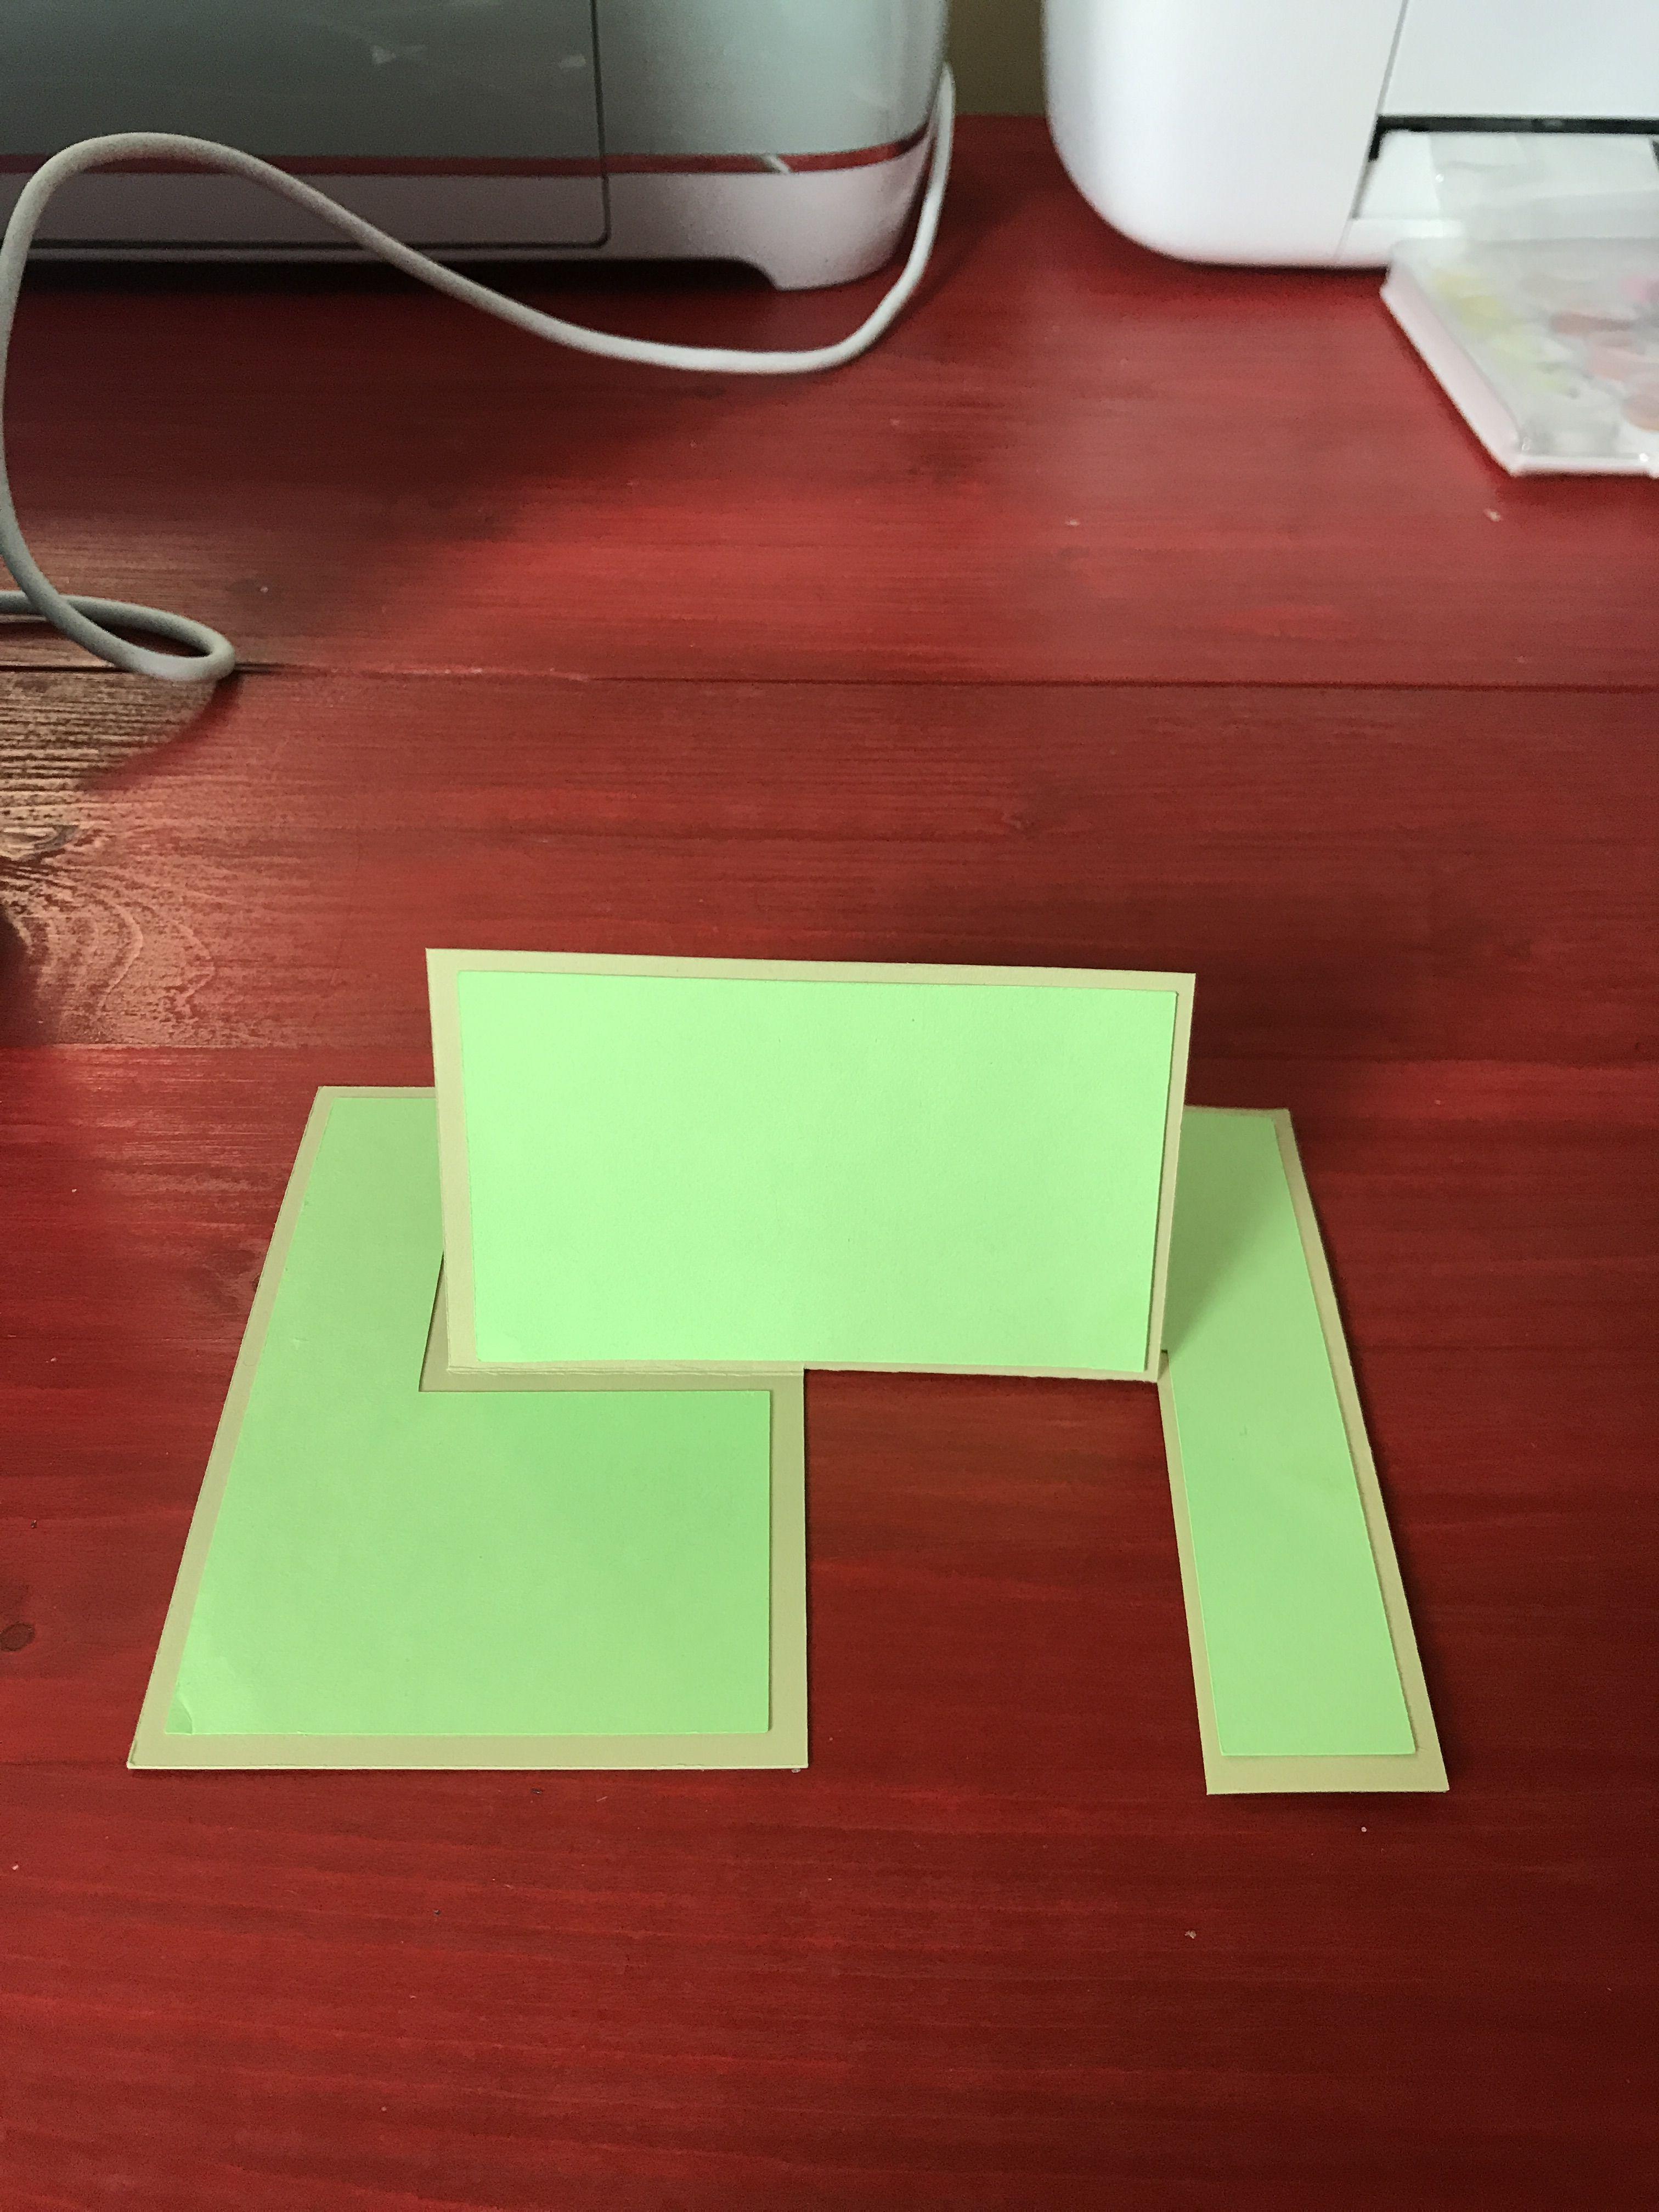 Cricut Design Space File To Create An Impossible Card Cricut Design Cards Cricut